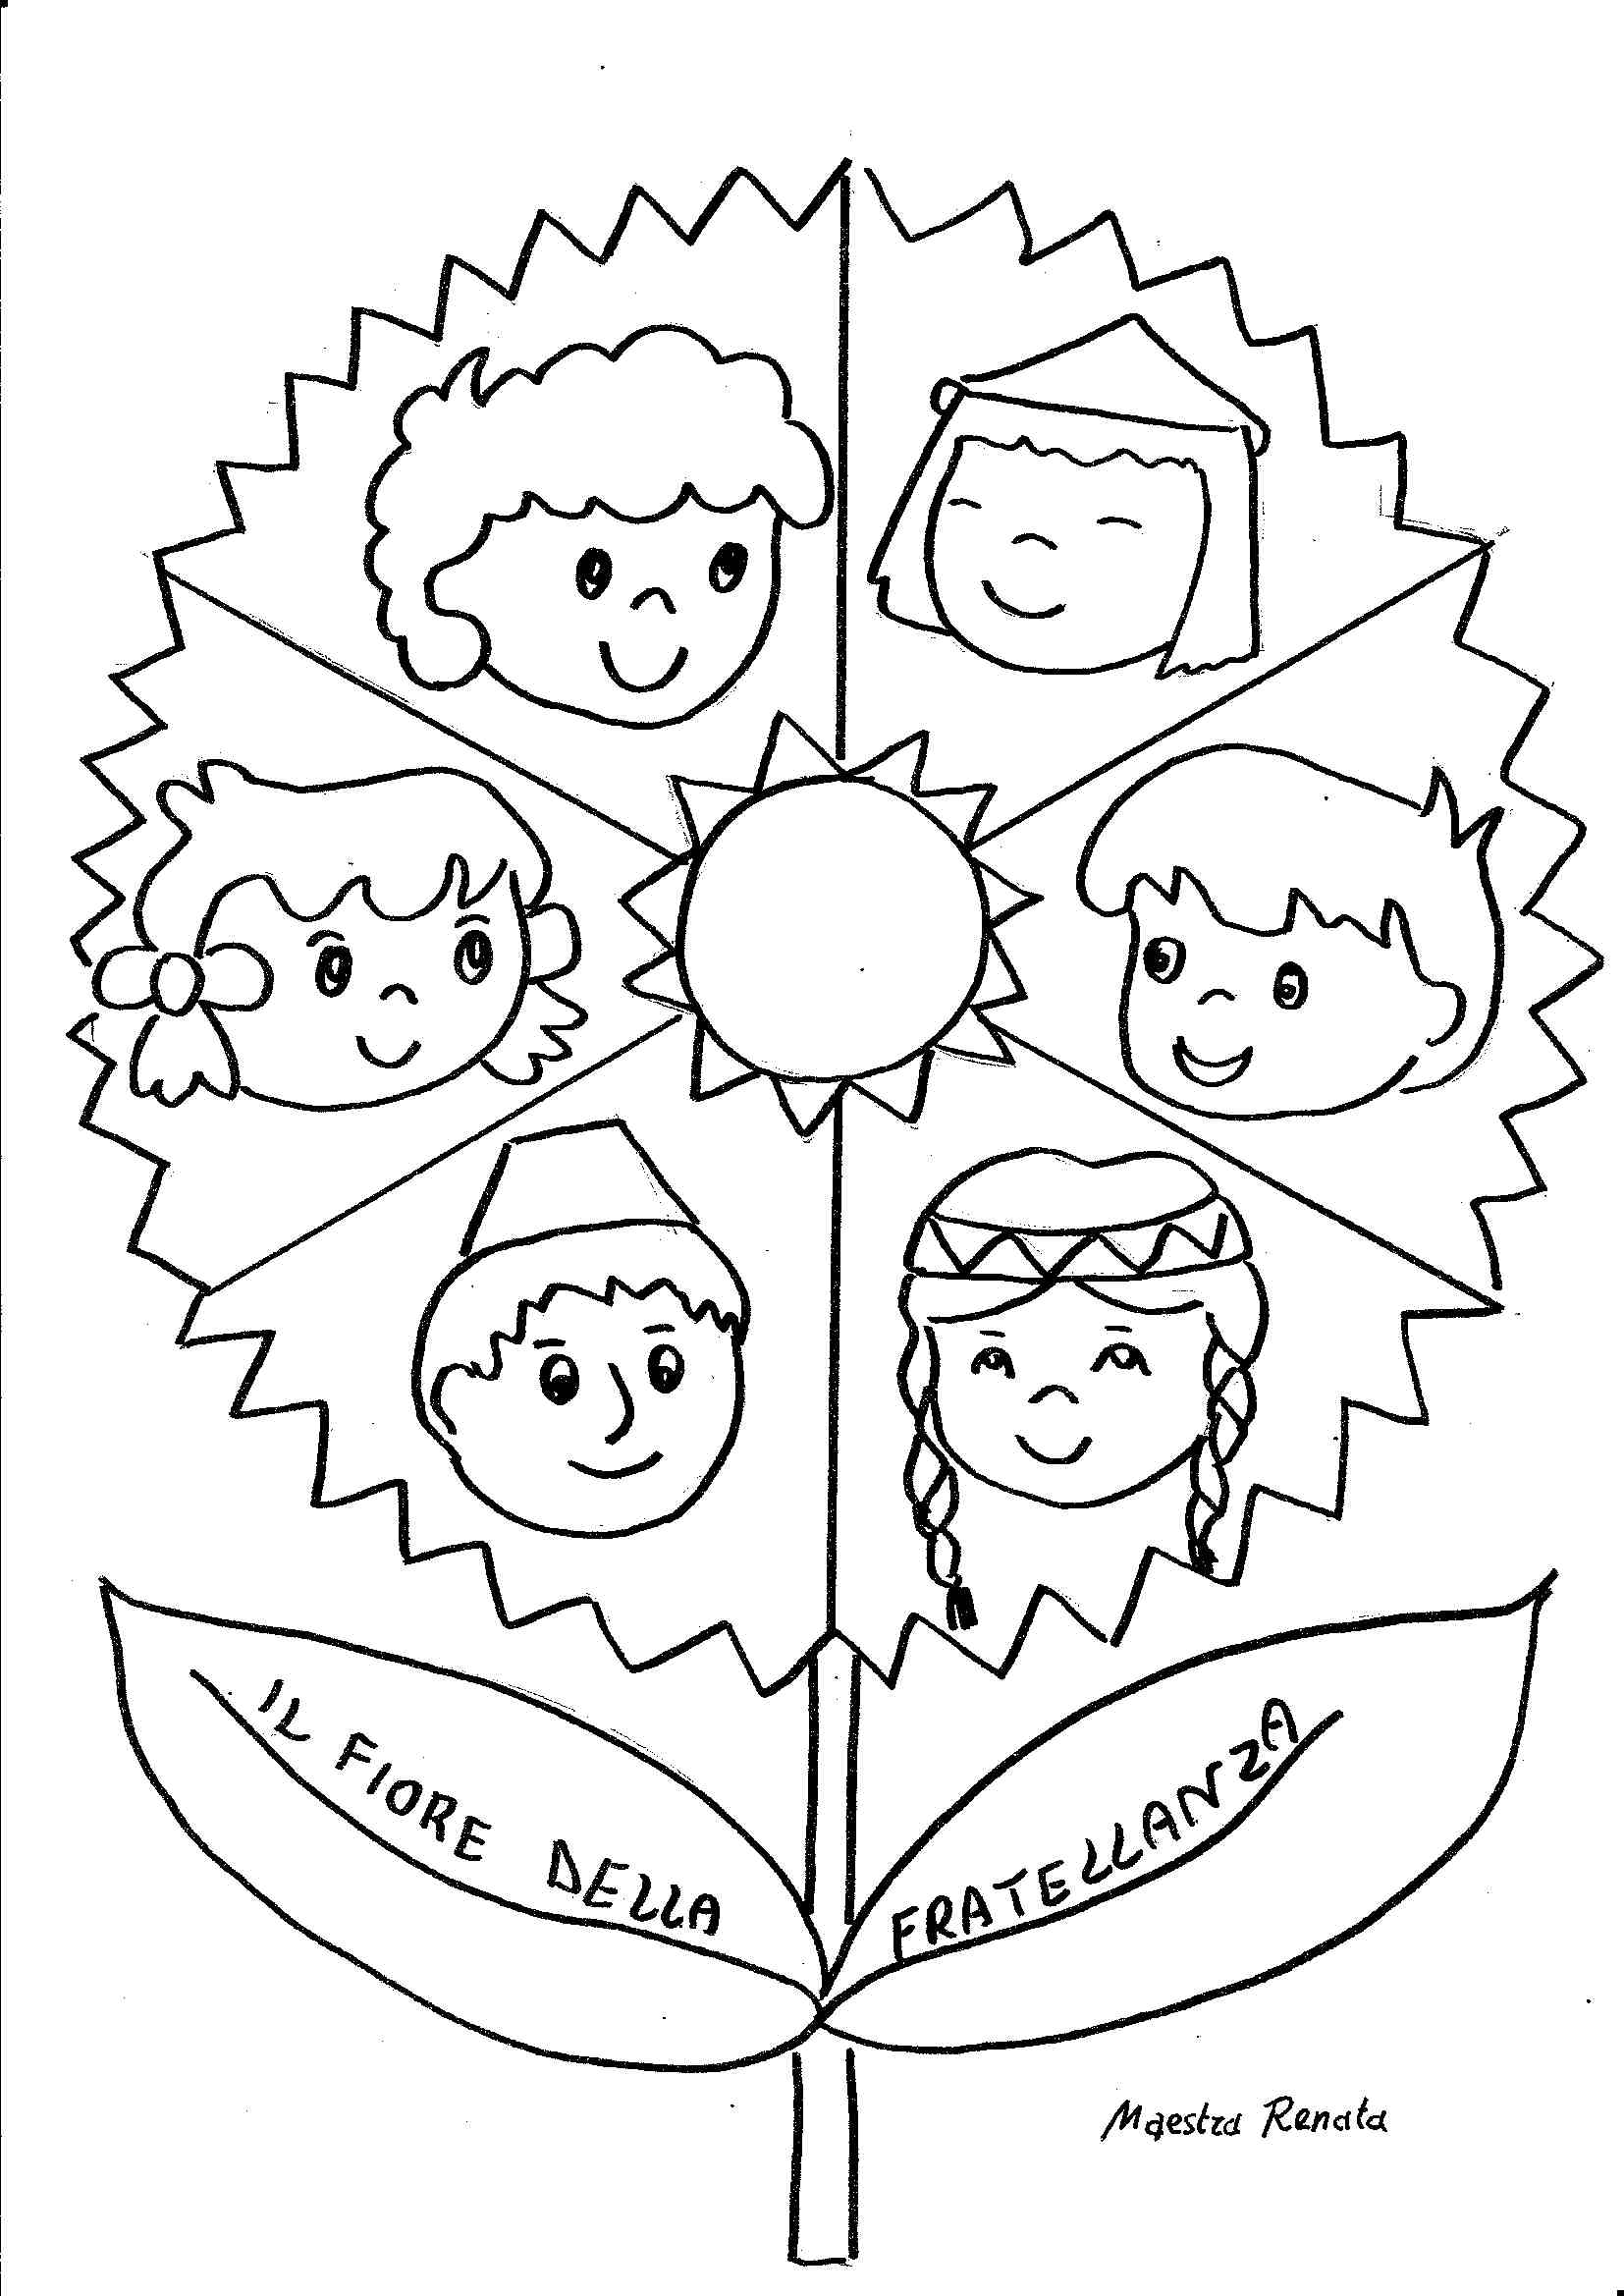 La religione in un fiore maestrarenata for Maestra gemma diritti dei bambini